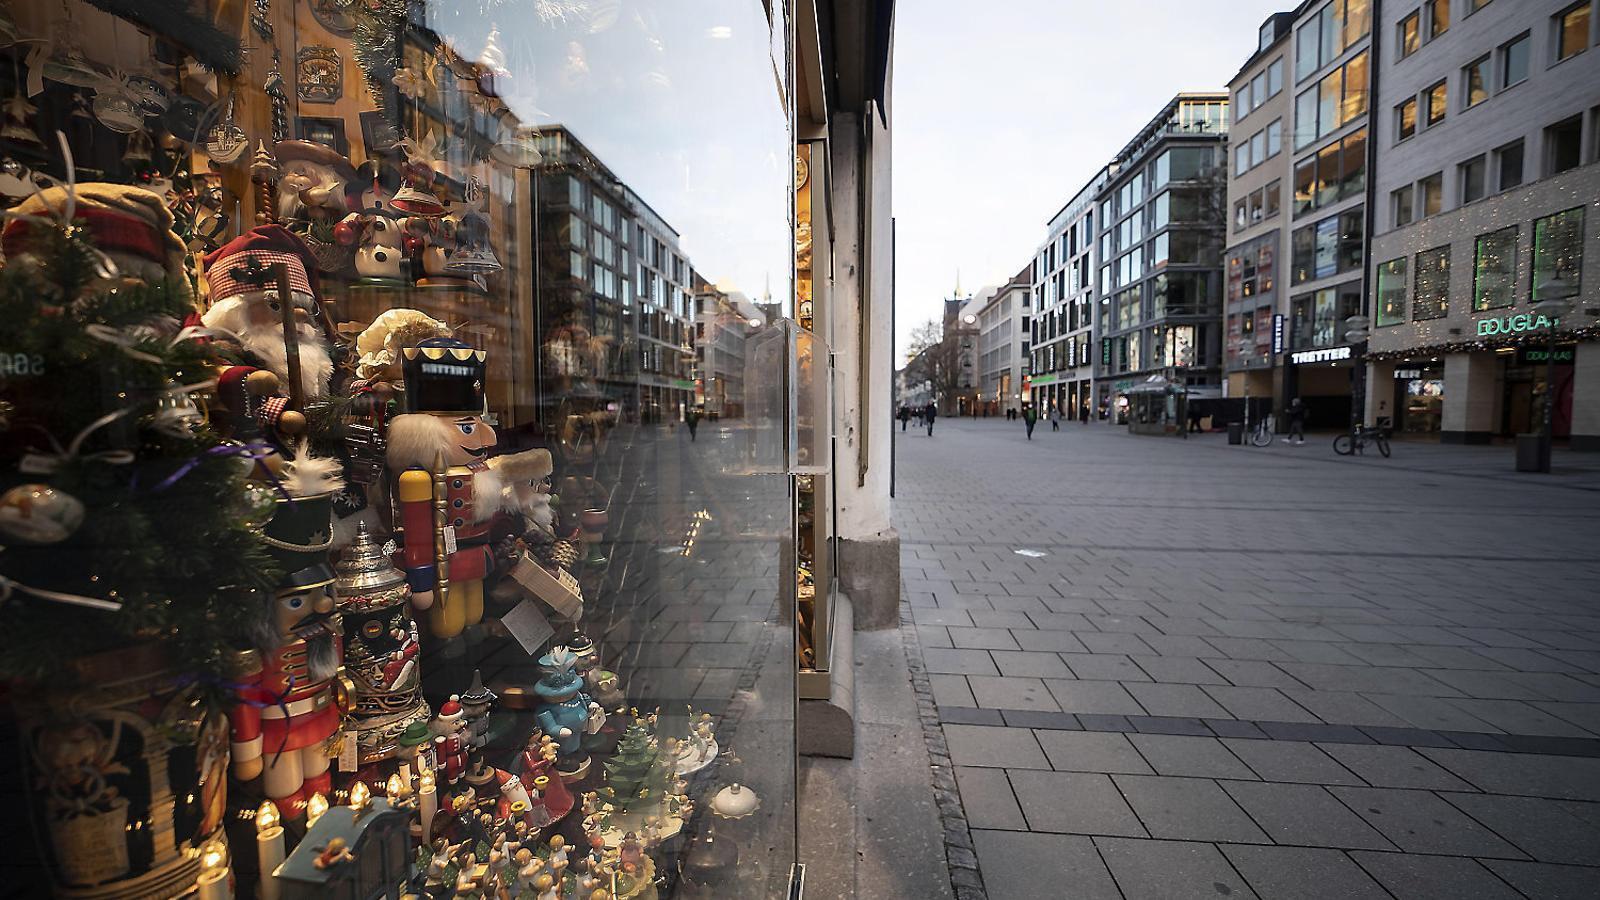 Una botiga de decoració de Nadal en un carrer buit del centre de Munic.